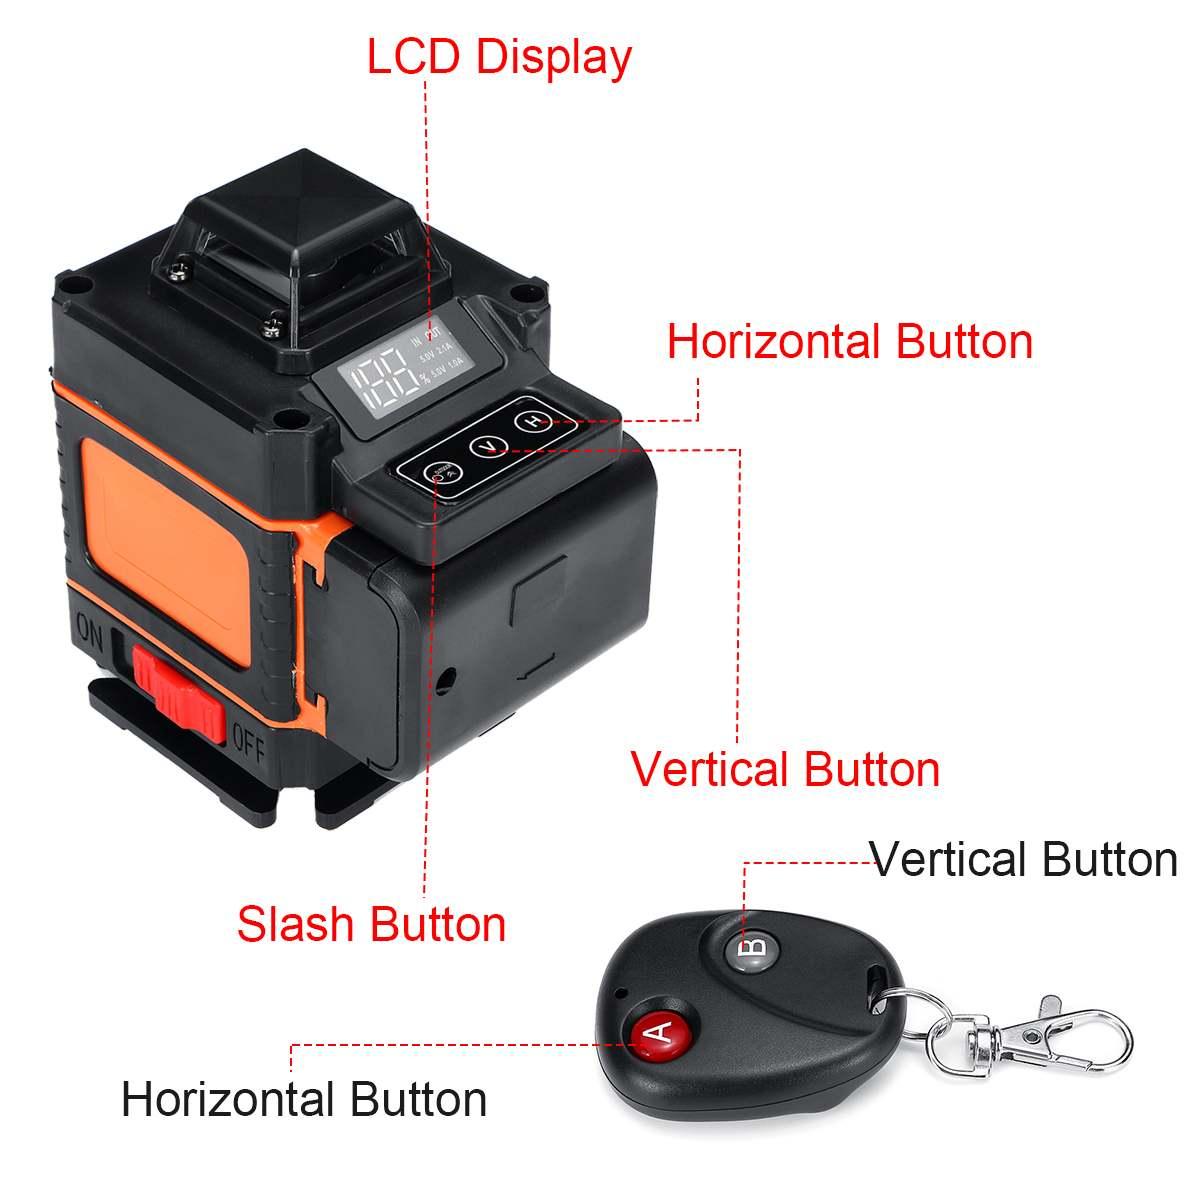 16 линий, 4D лазерные нивелиры, автоматическое наливное 360, вращающееся измерение, горизонтальный вертикальный крестообразный светодиодный дисплей, мощный зеленый лазер